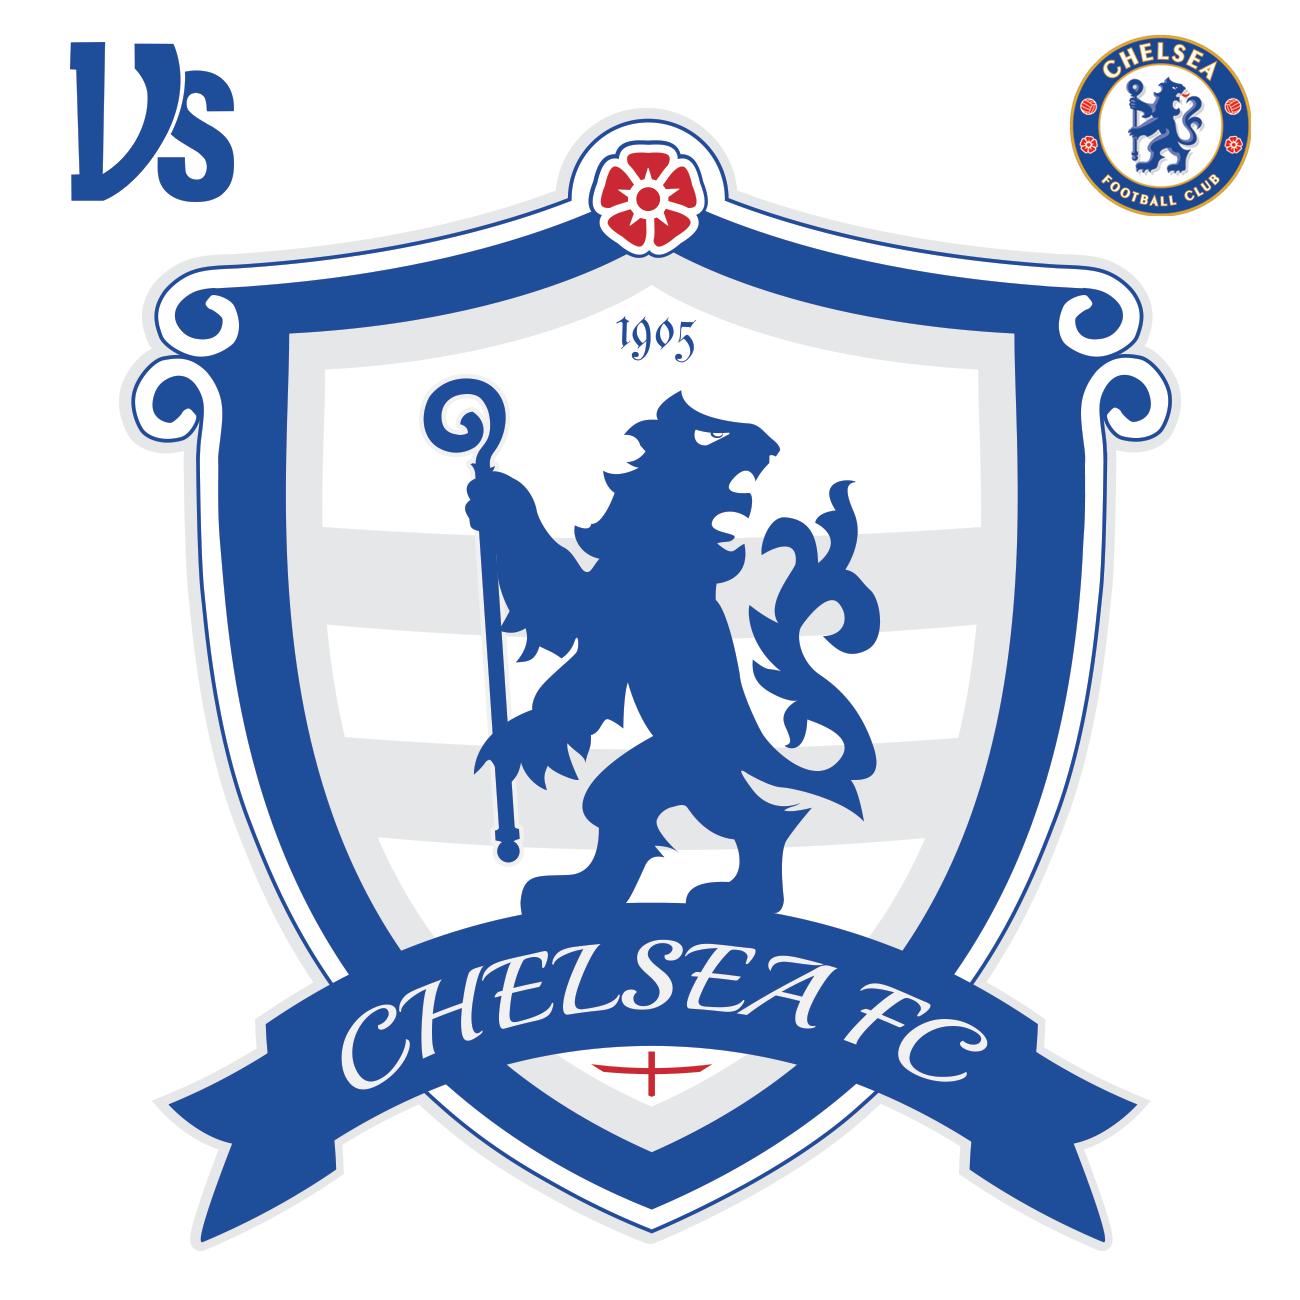 Chelsea Fc Logo - Chelsea Fc Logo Lion Wwwimgkidcom The Image Kid Has ...